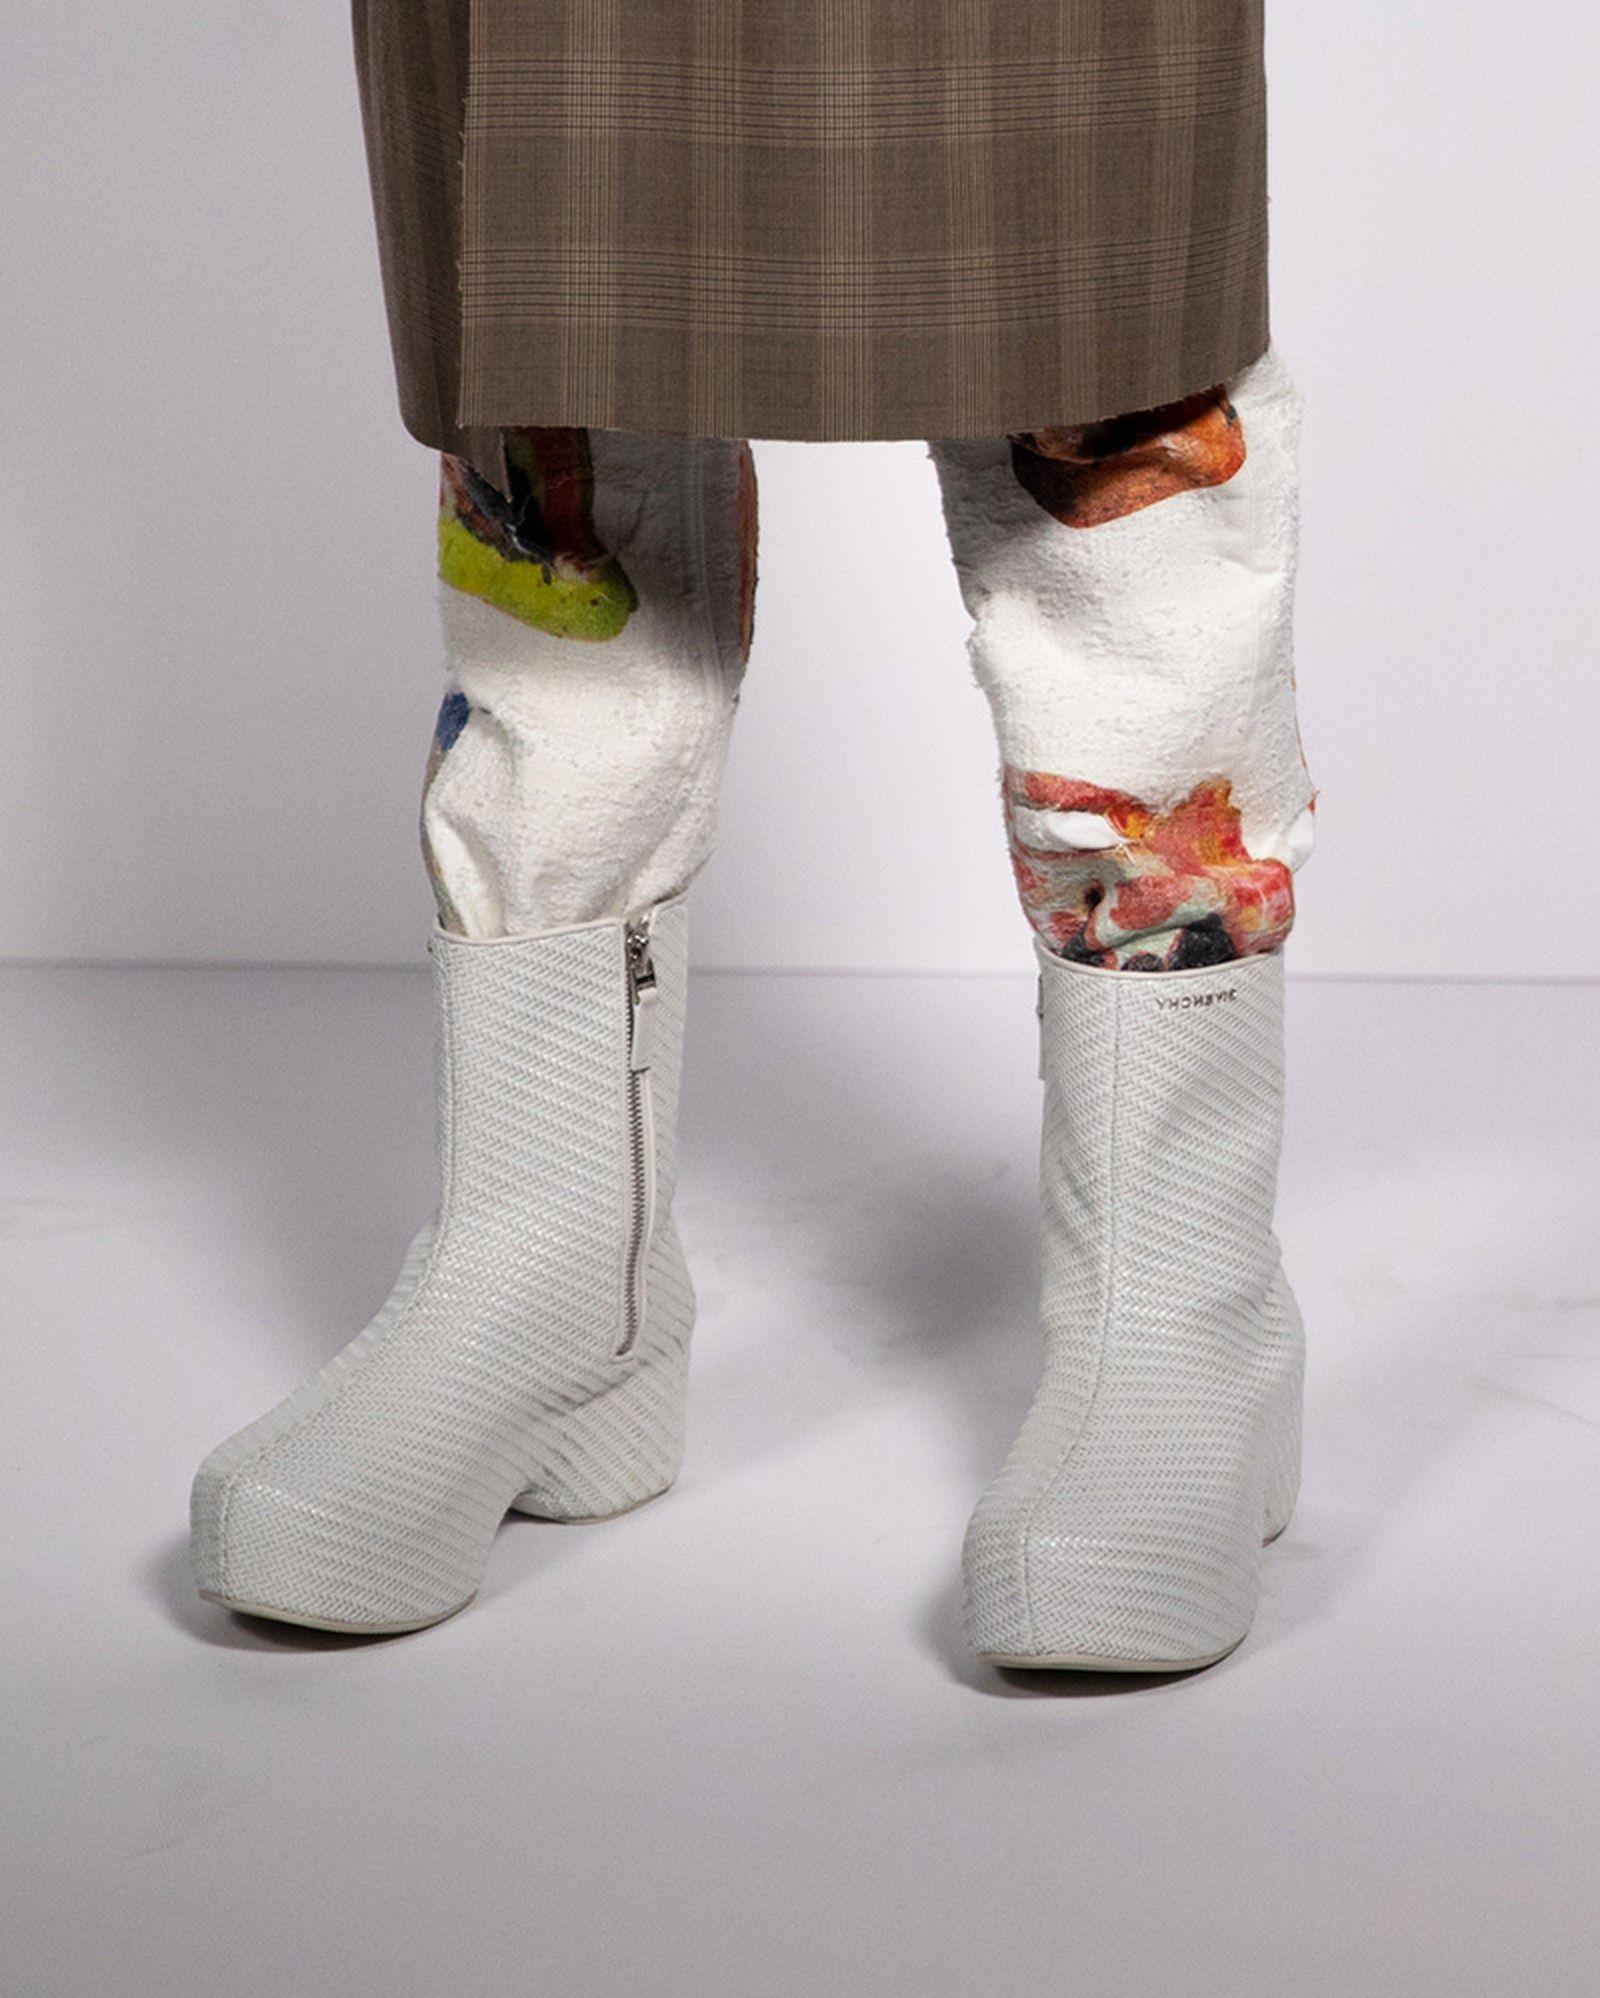 fashion-week-ss22-sneaker-roundup-07